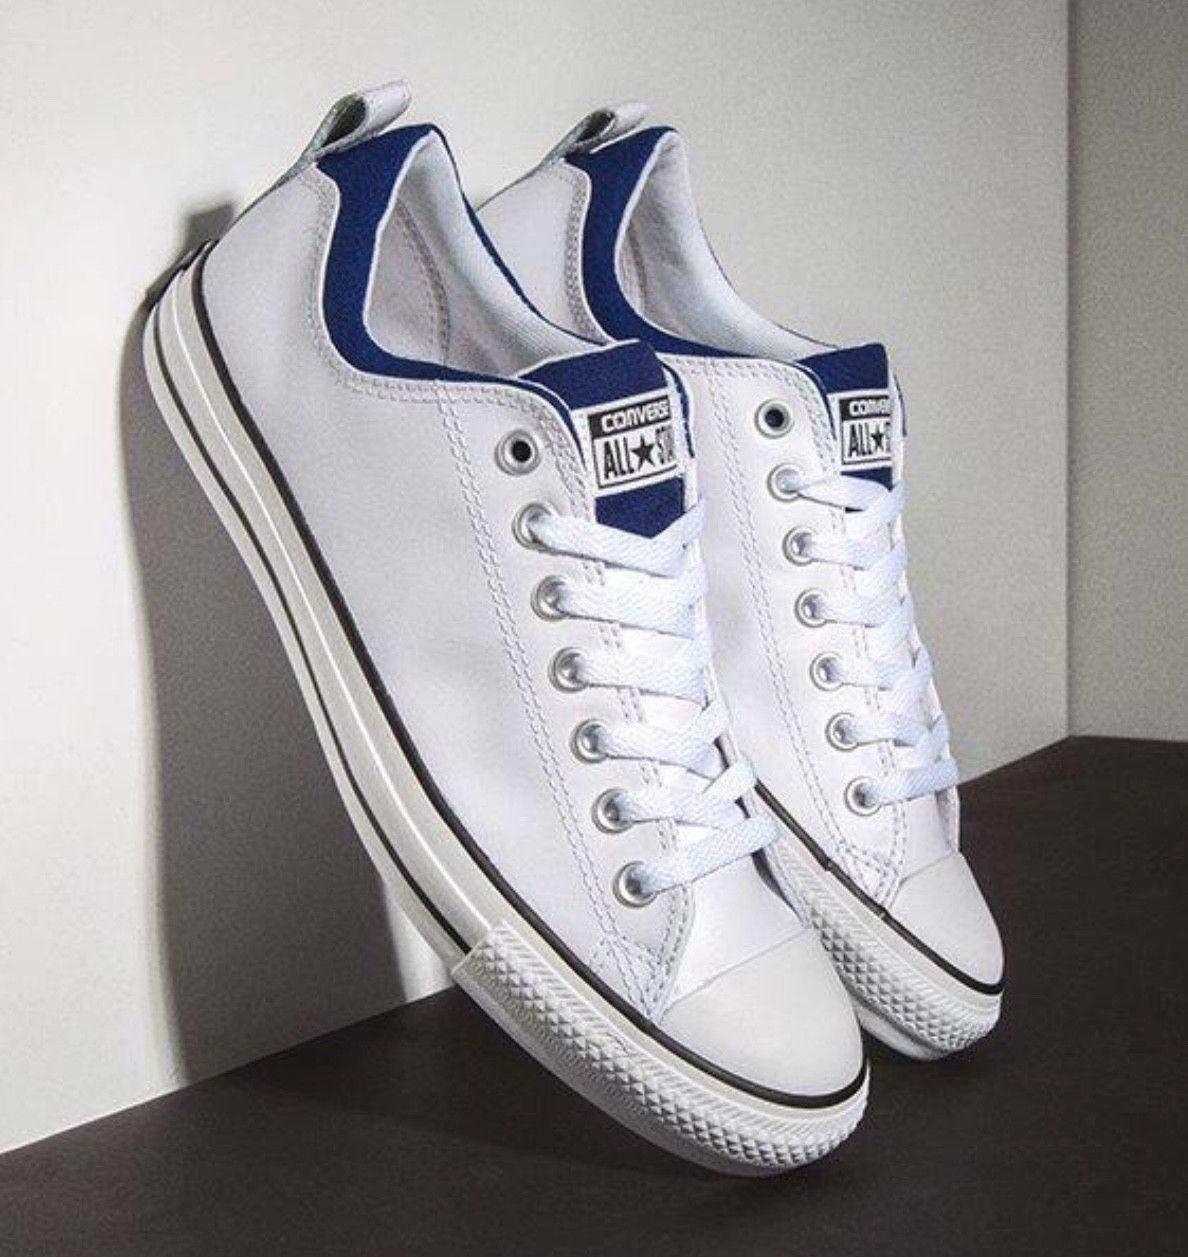 รองเท้า converse jack purcell สีขาว ราคา